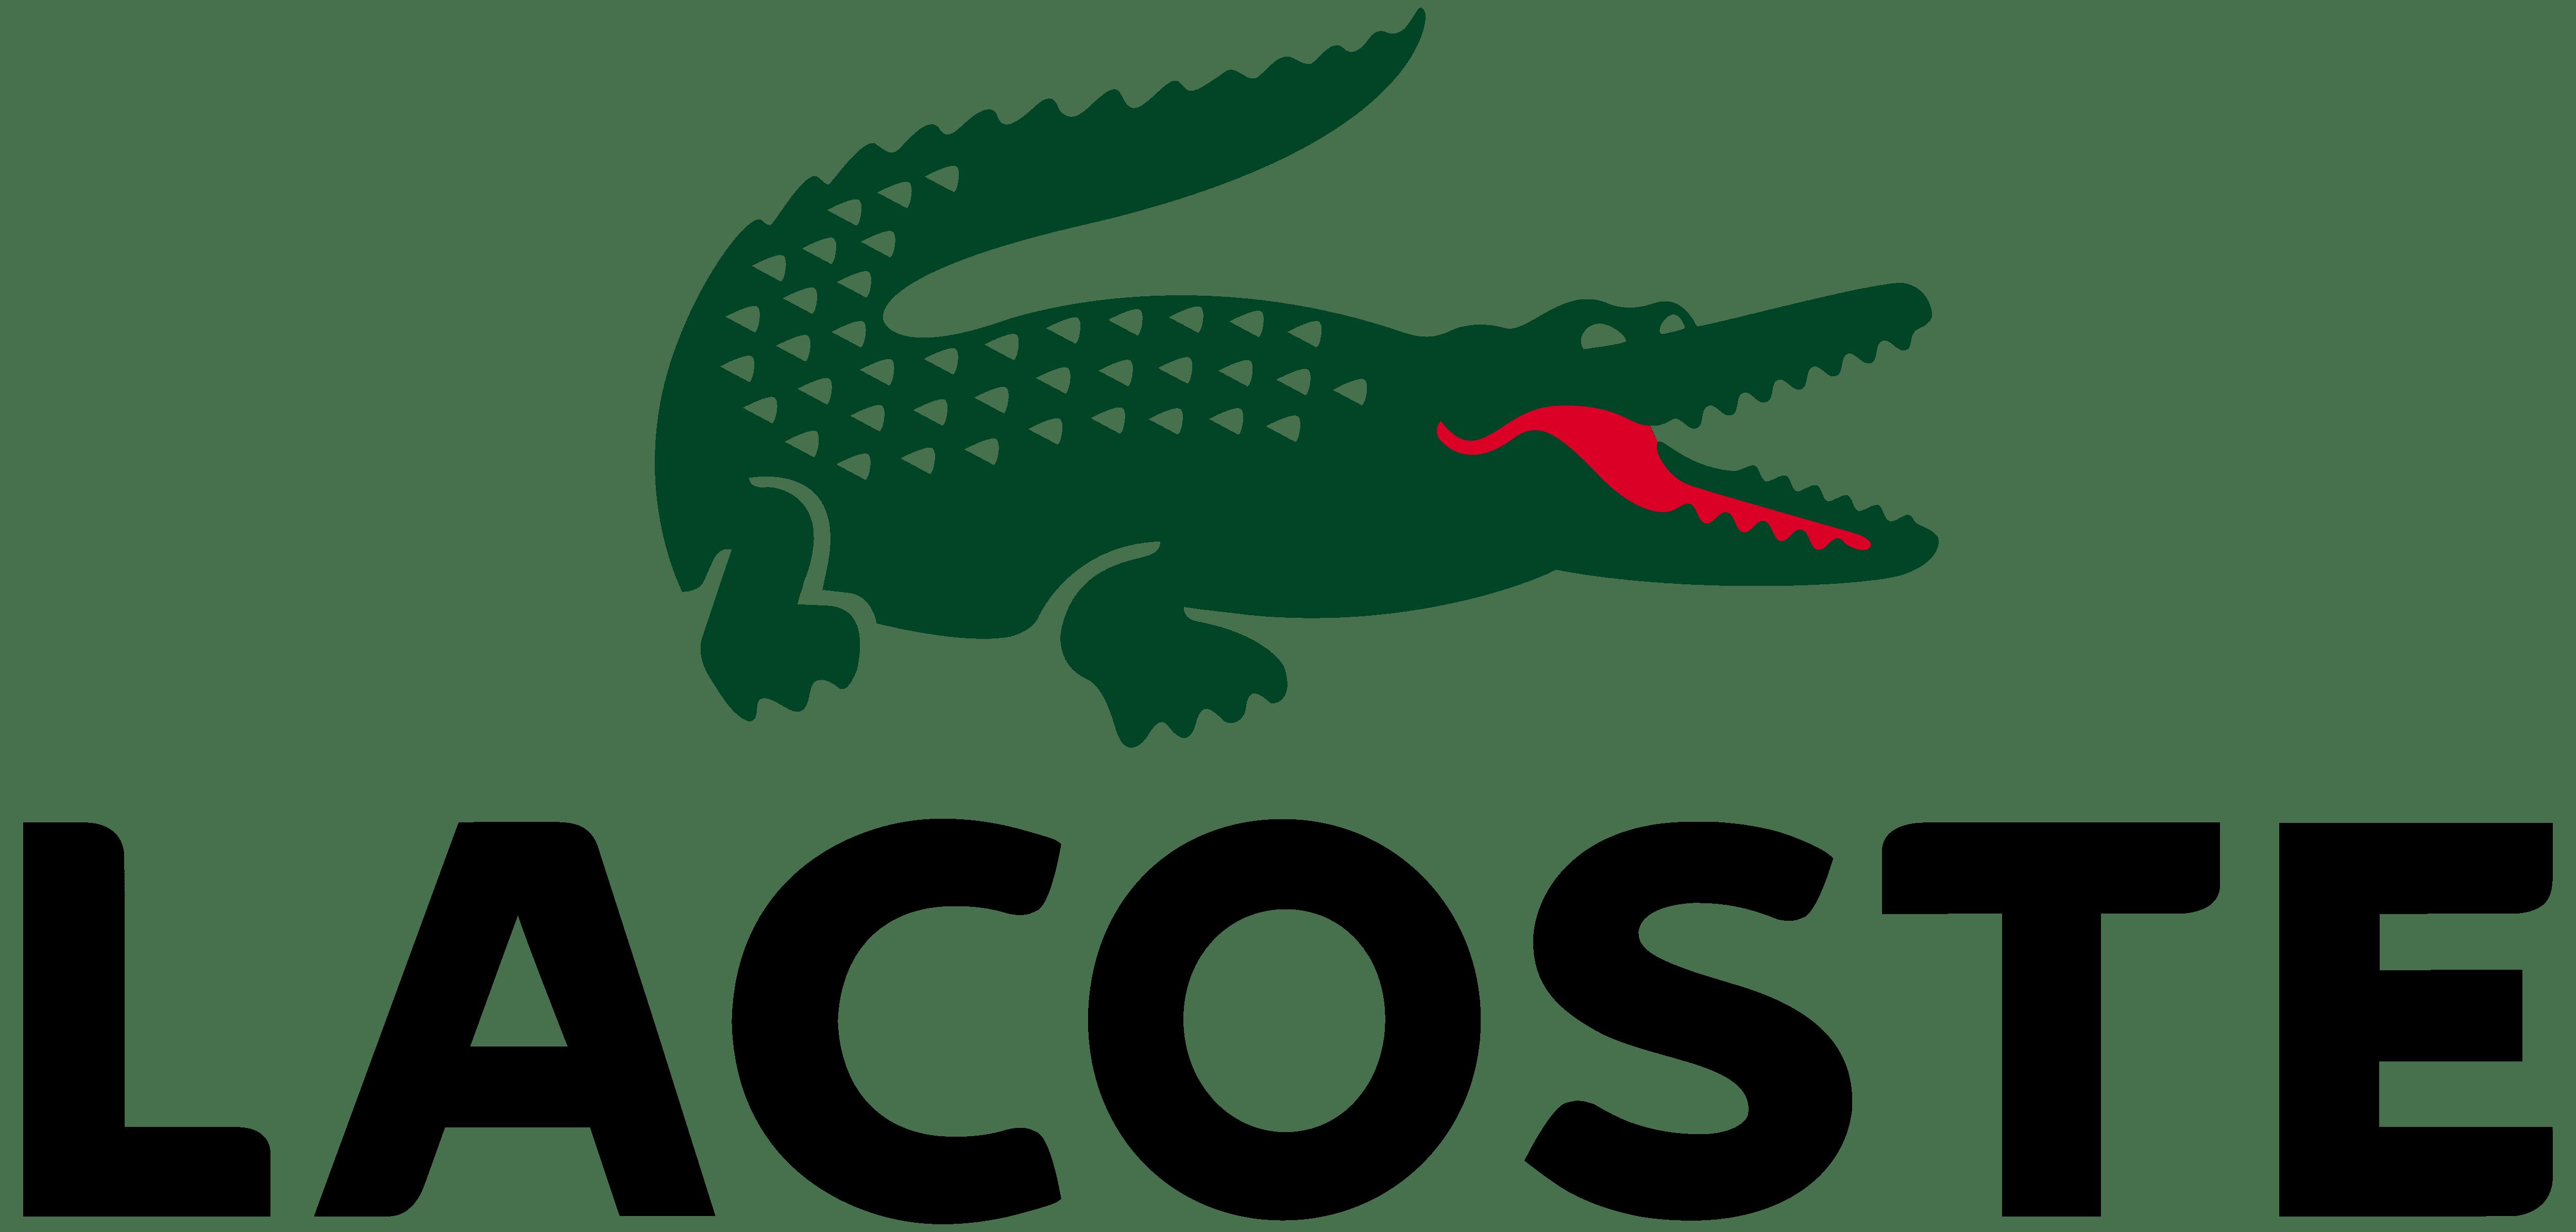 Lacoste Logo Lacoste logo